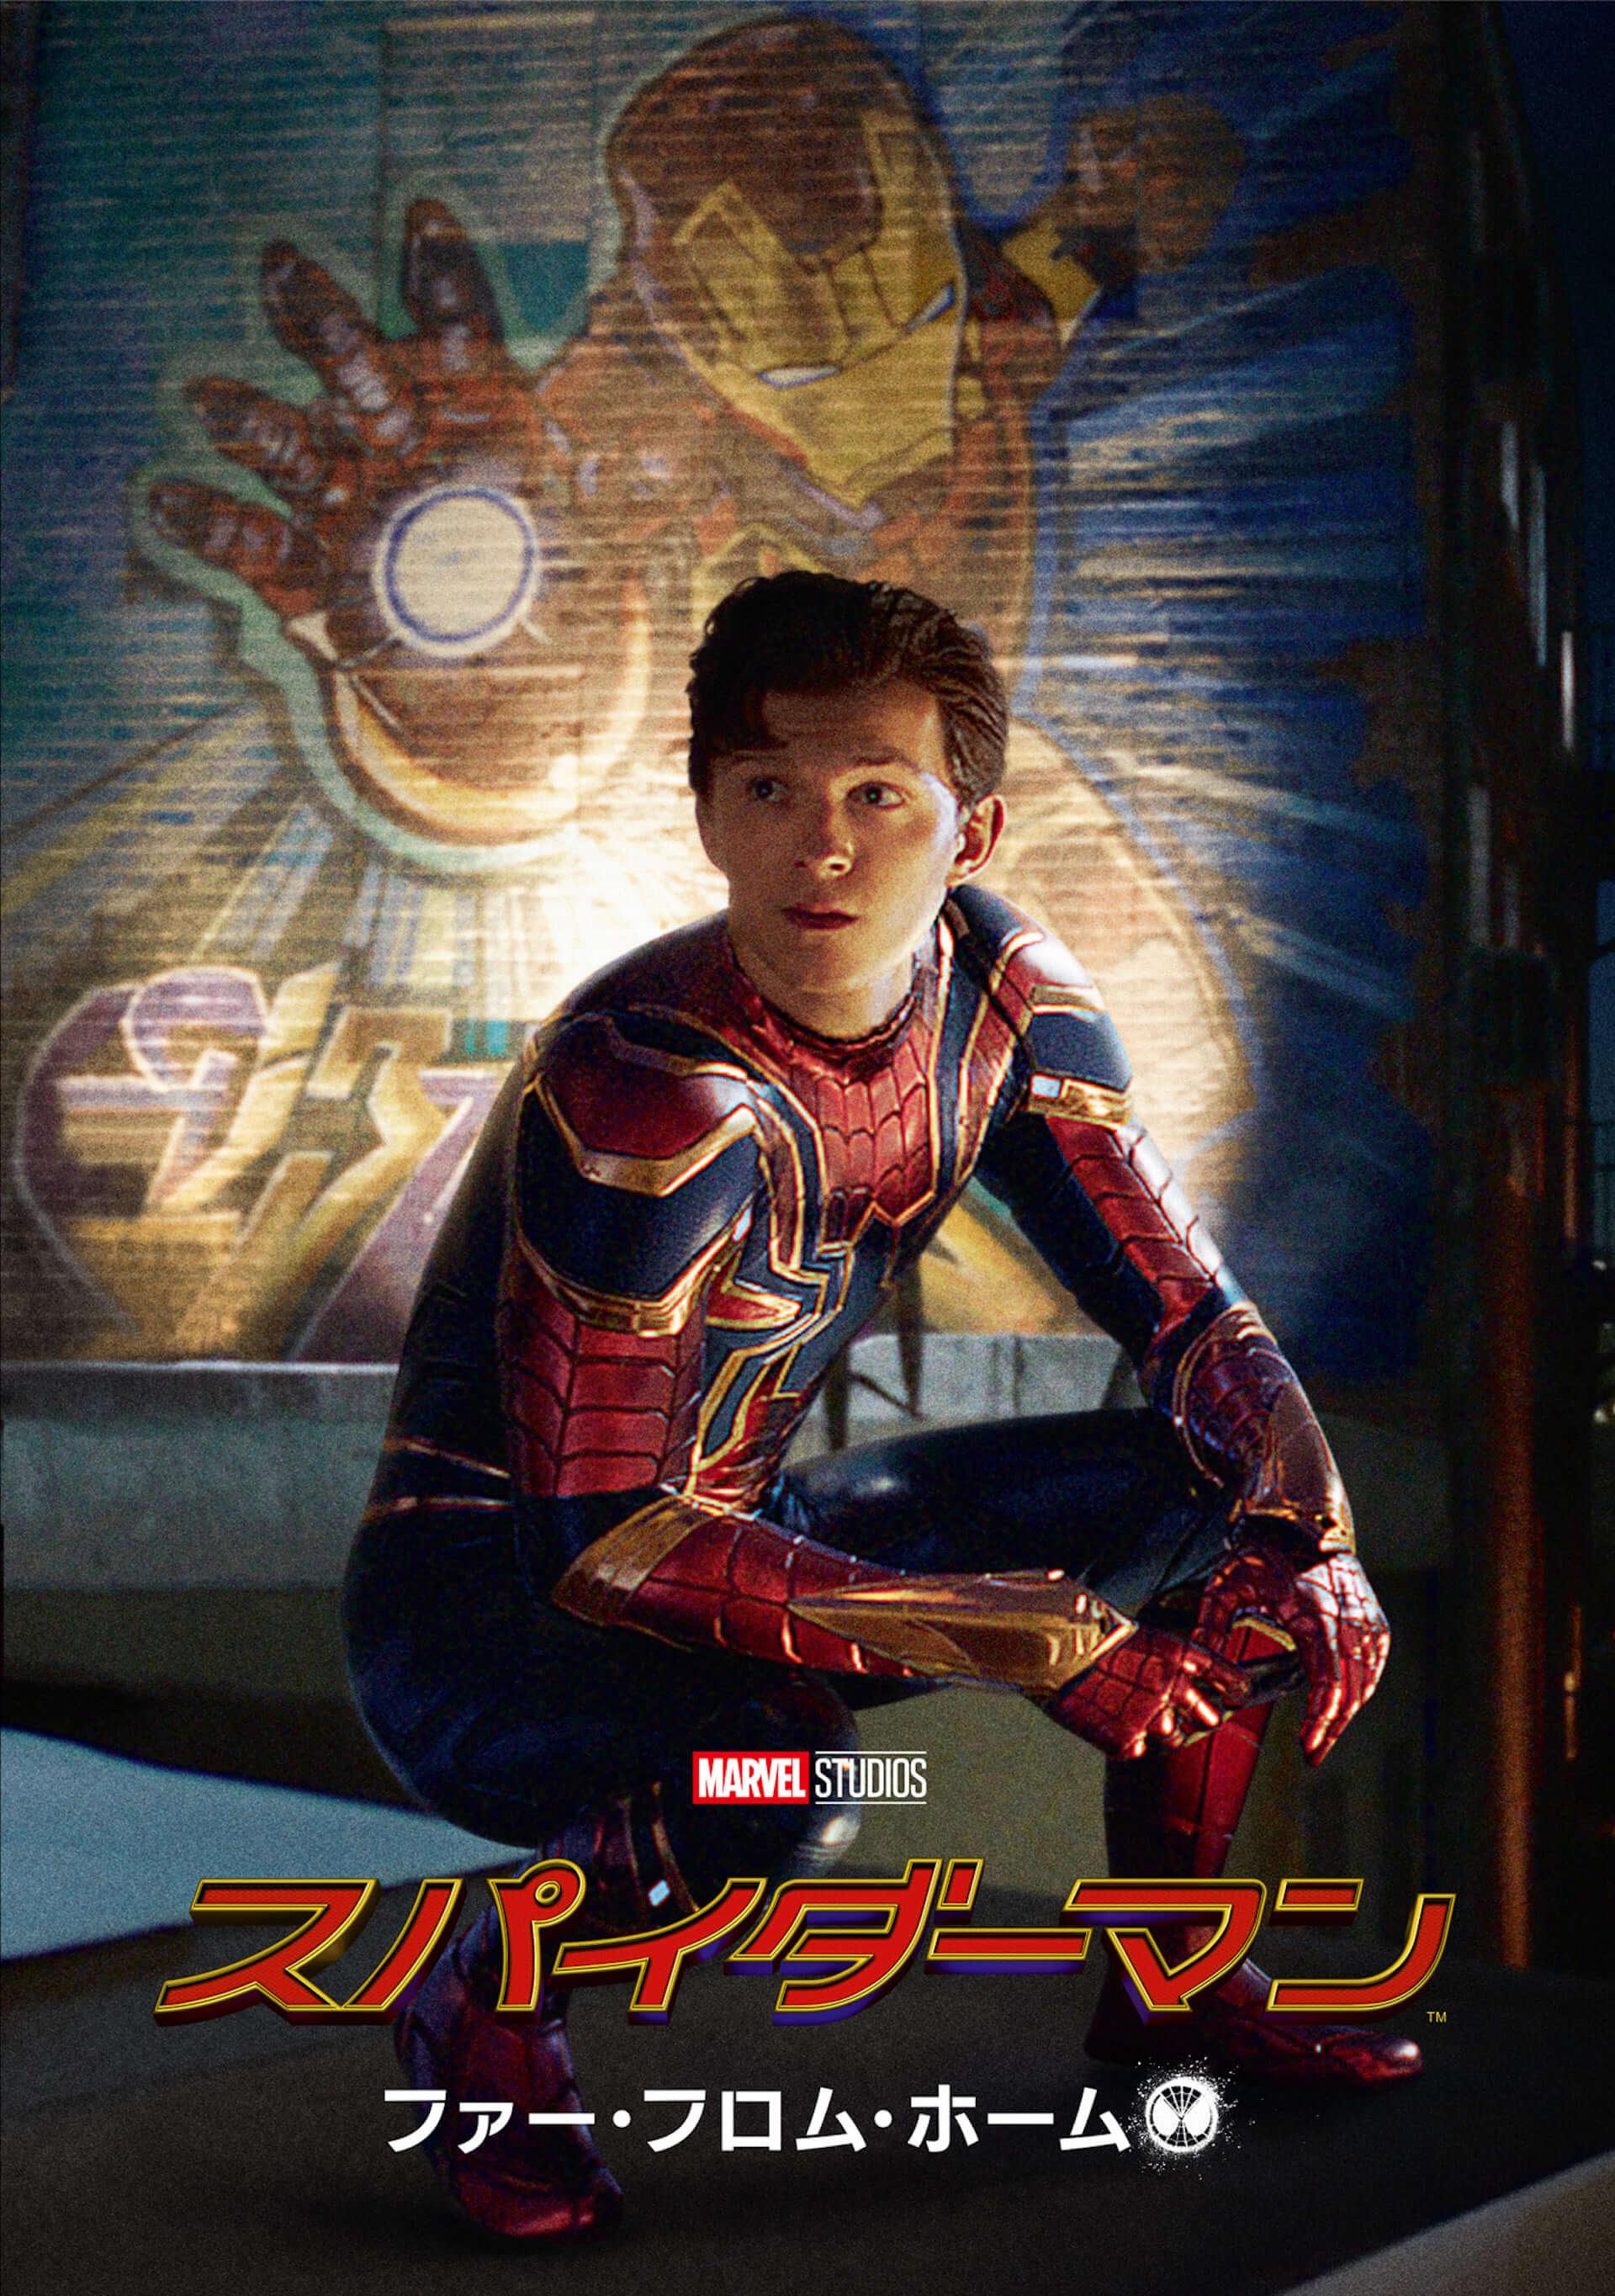 『スパイダーマン:ファー・フロム・ホーム』がソニー歴代2位の興収を記録!前作越えも達成 film190727_sffh_9-1920x2729